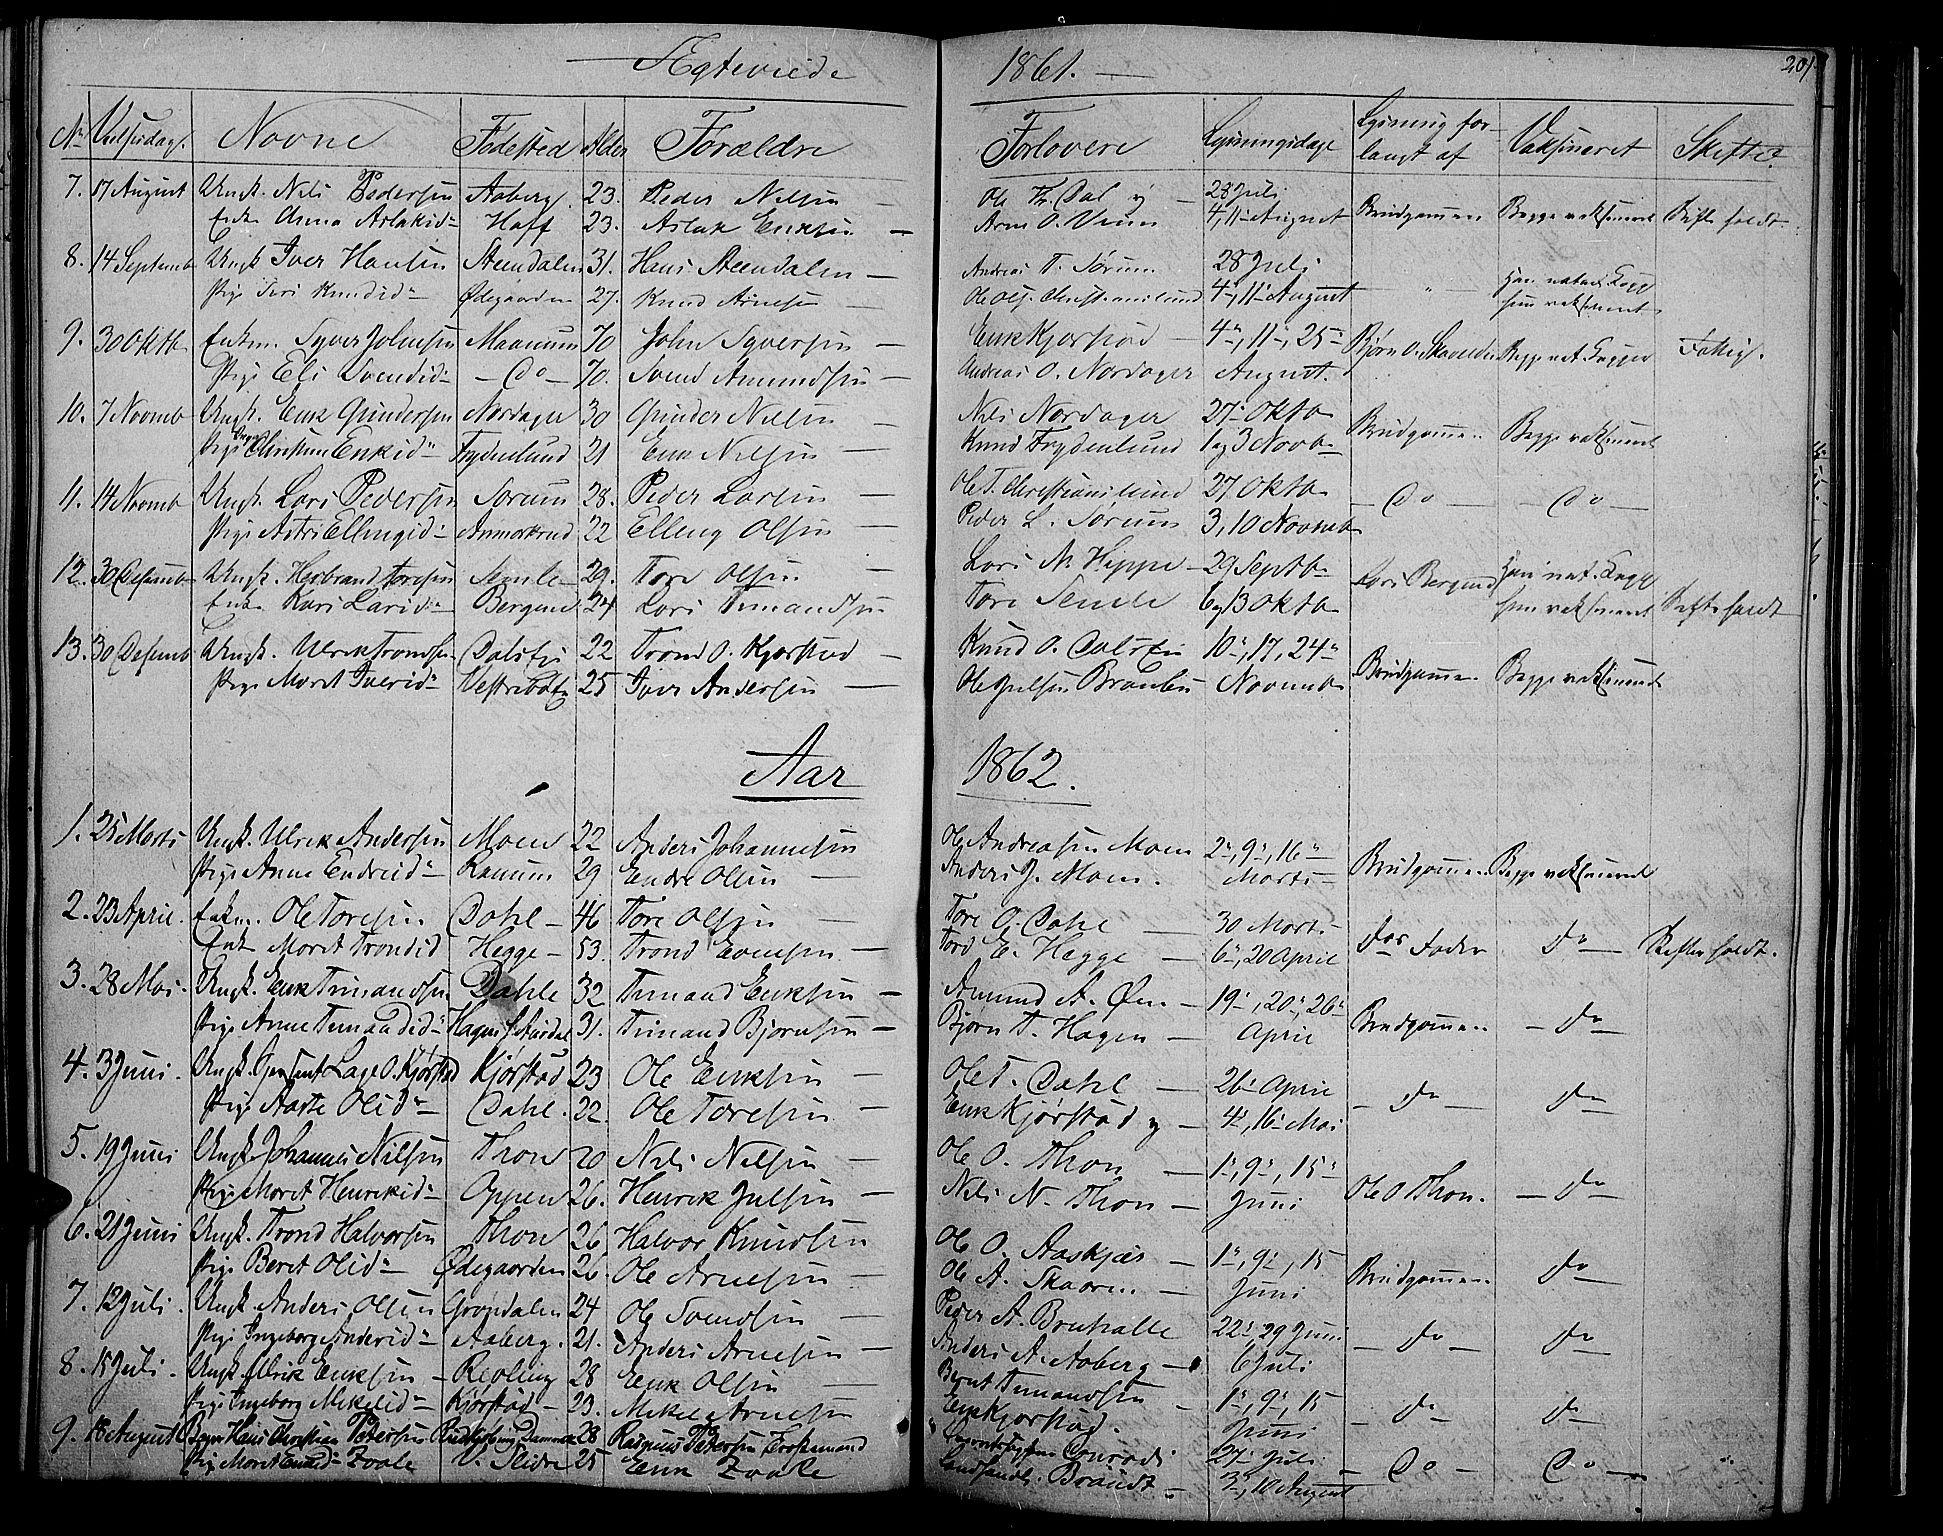 SAH, Nord-Aurdal prestekontor, Klokkerbok nr. 2, 1842-1877, s. 201